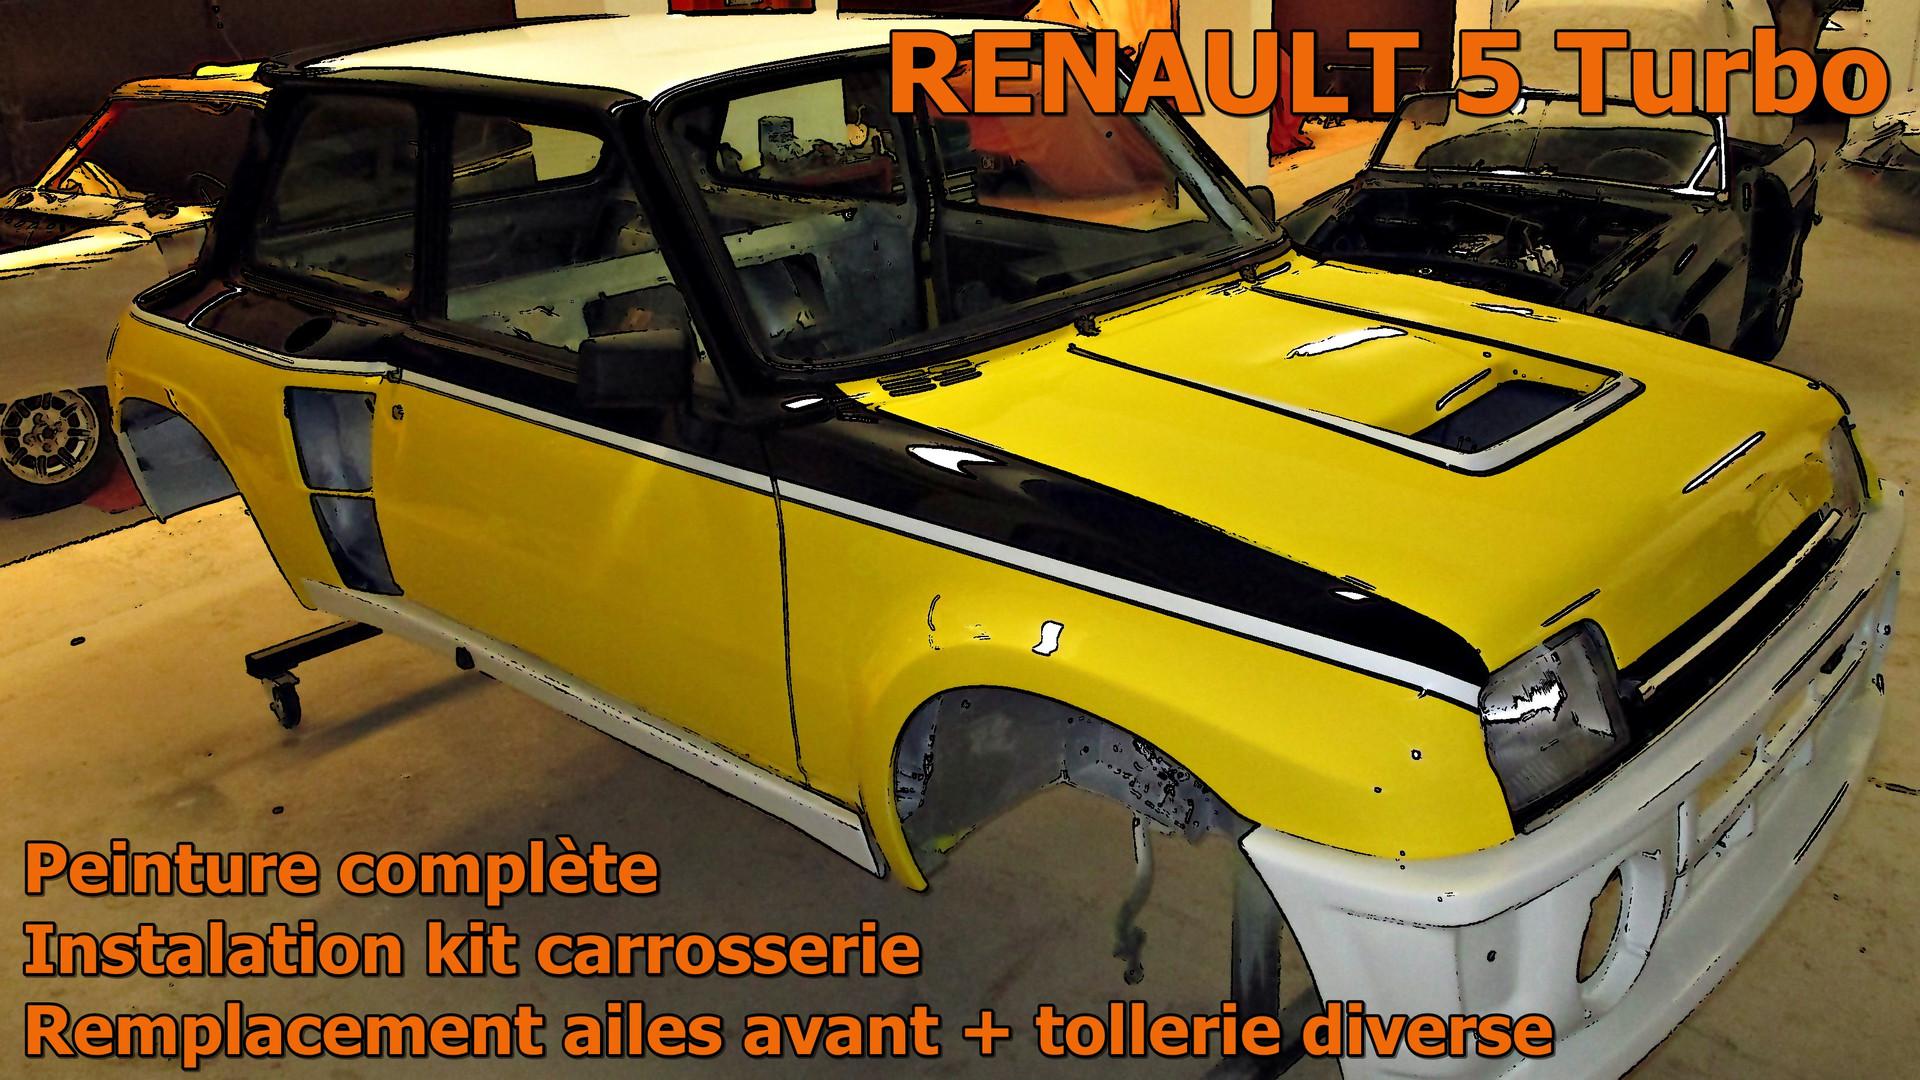 RENAULT 5 Turbo restaurée par Atelier 76